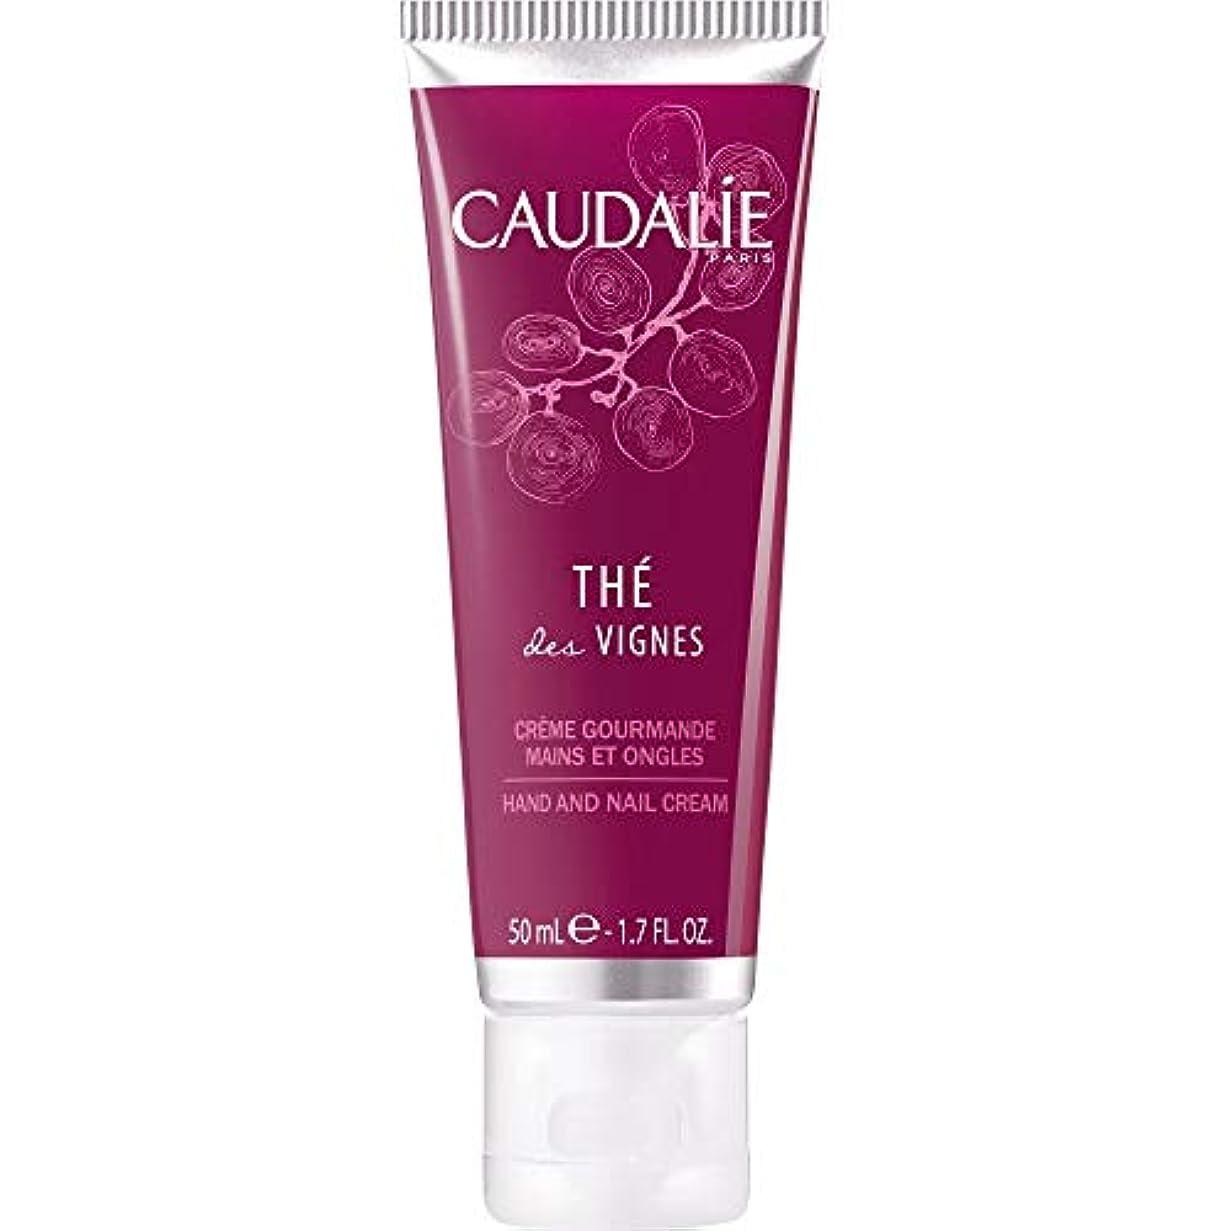 ソフィーインスタンスピジンCaudalie Th De Vignes Hand Cream 50ml [並行輸入品]